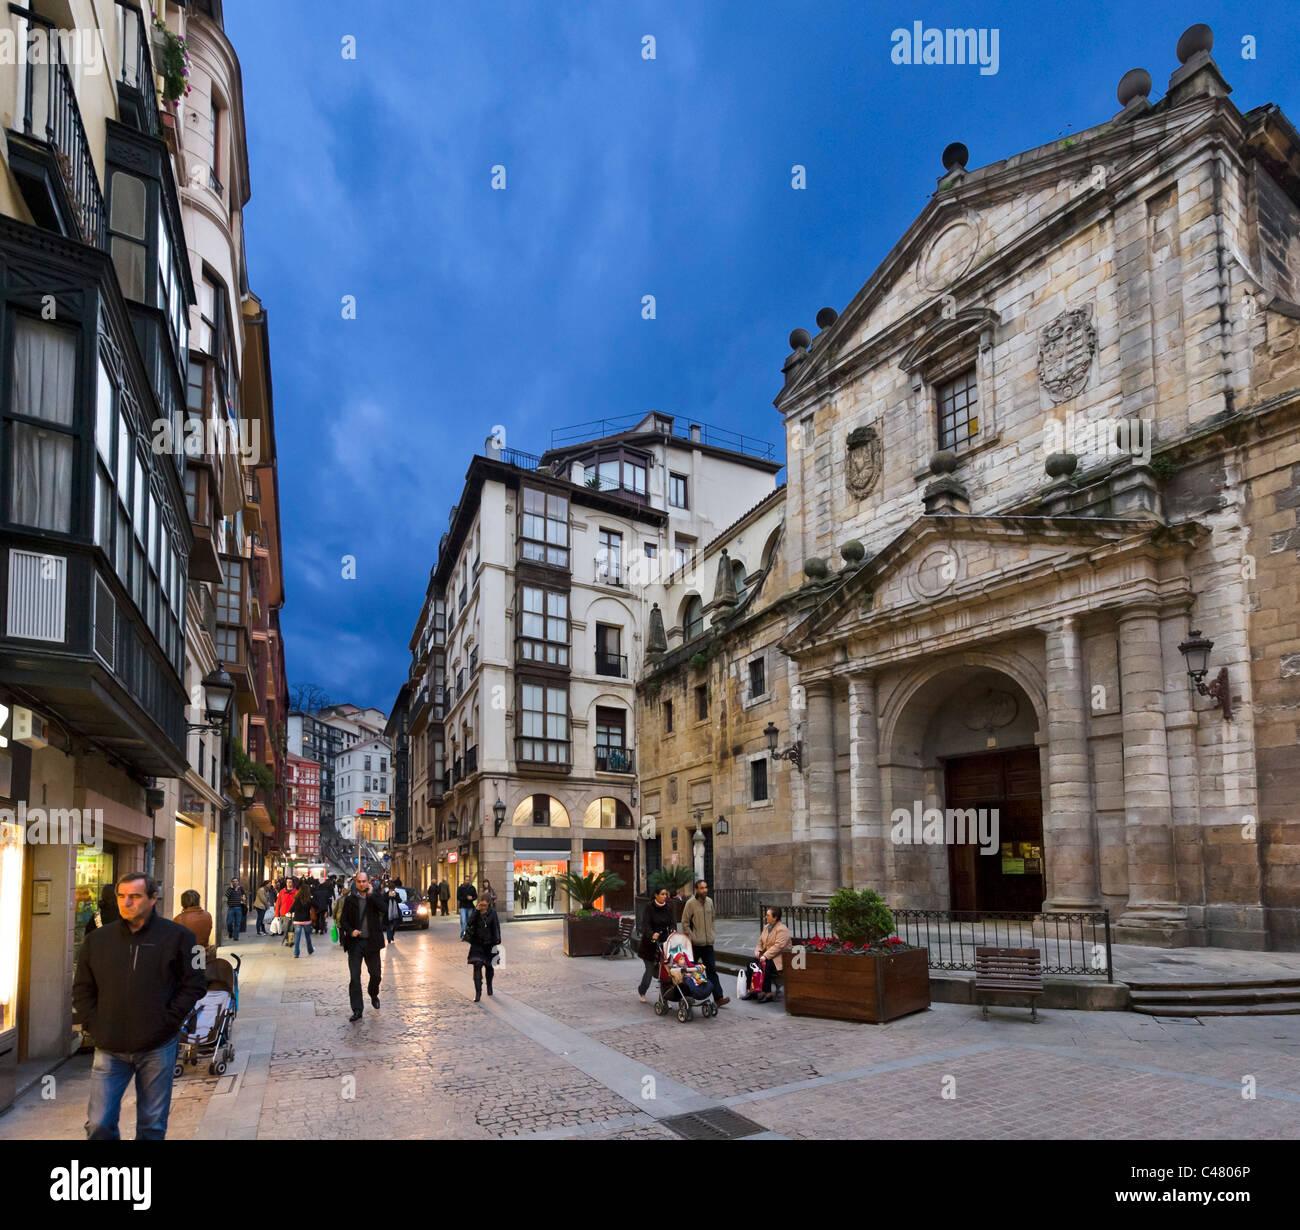 Geschäfte und Catedral de Santiago, historische Altstadt (Casco Viejo), Bilbao, Bizkaia, Baskenland, Spanien Stockbild